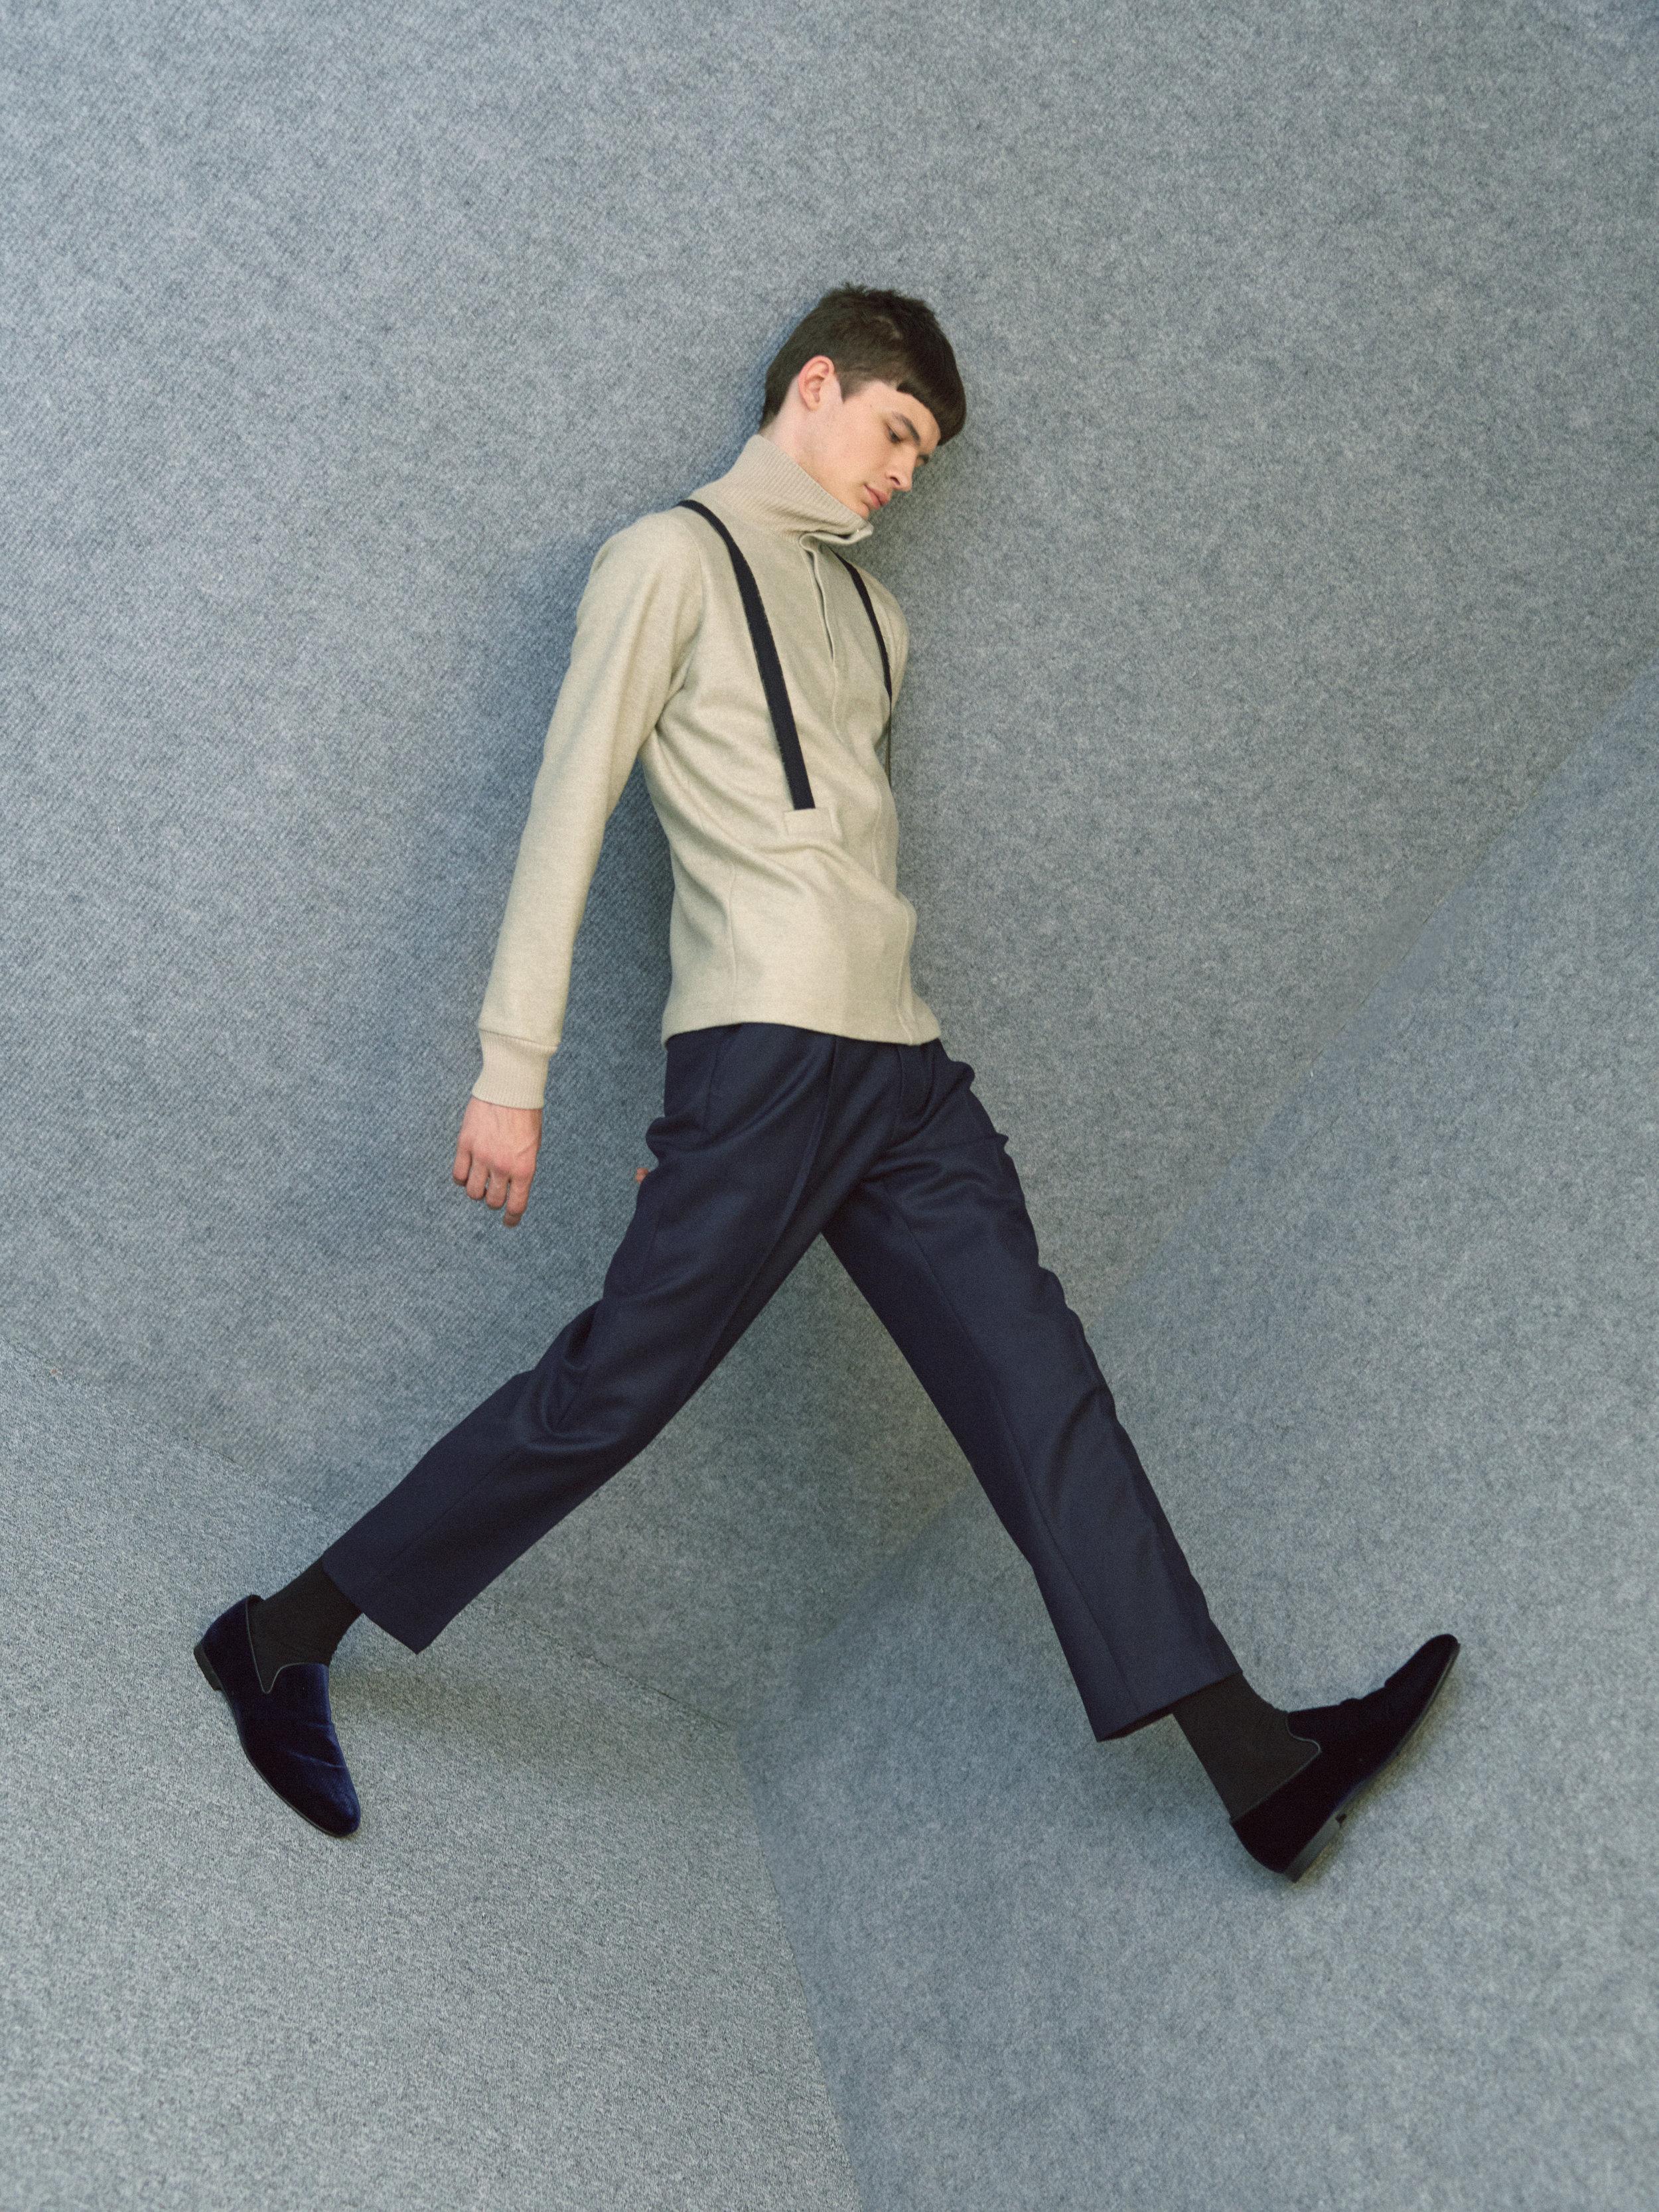 J JS Lee Man Look 07.jpg